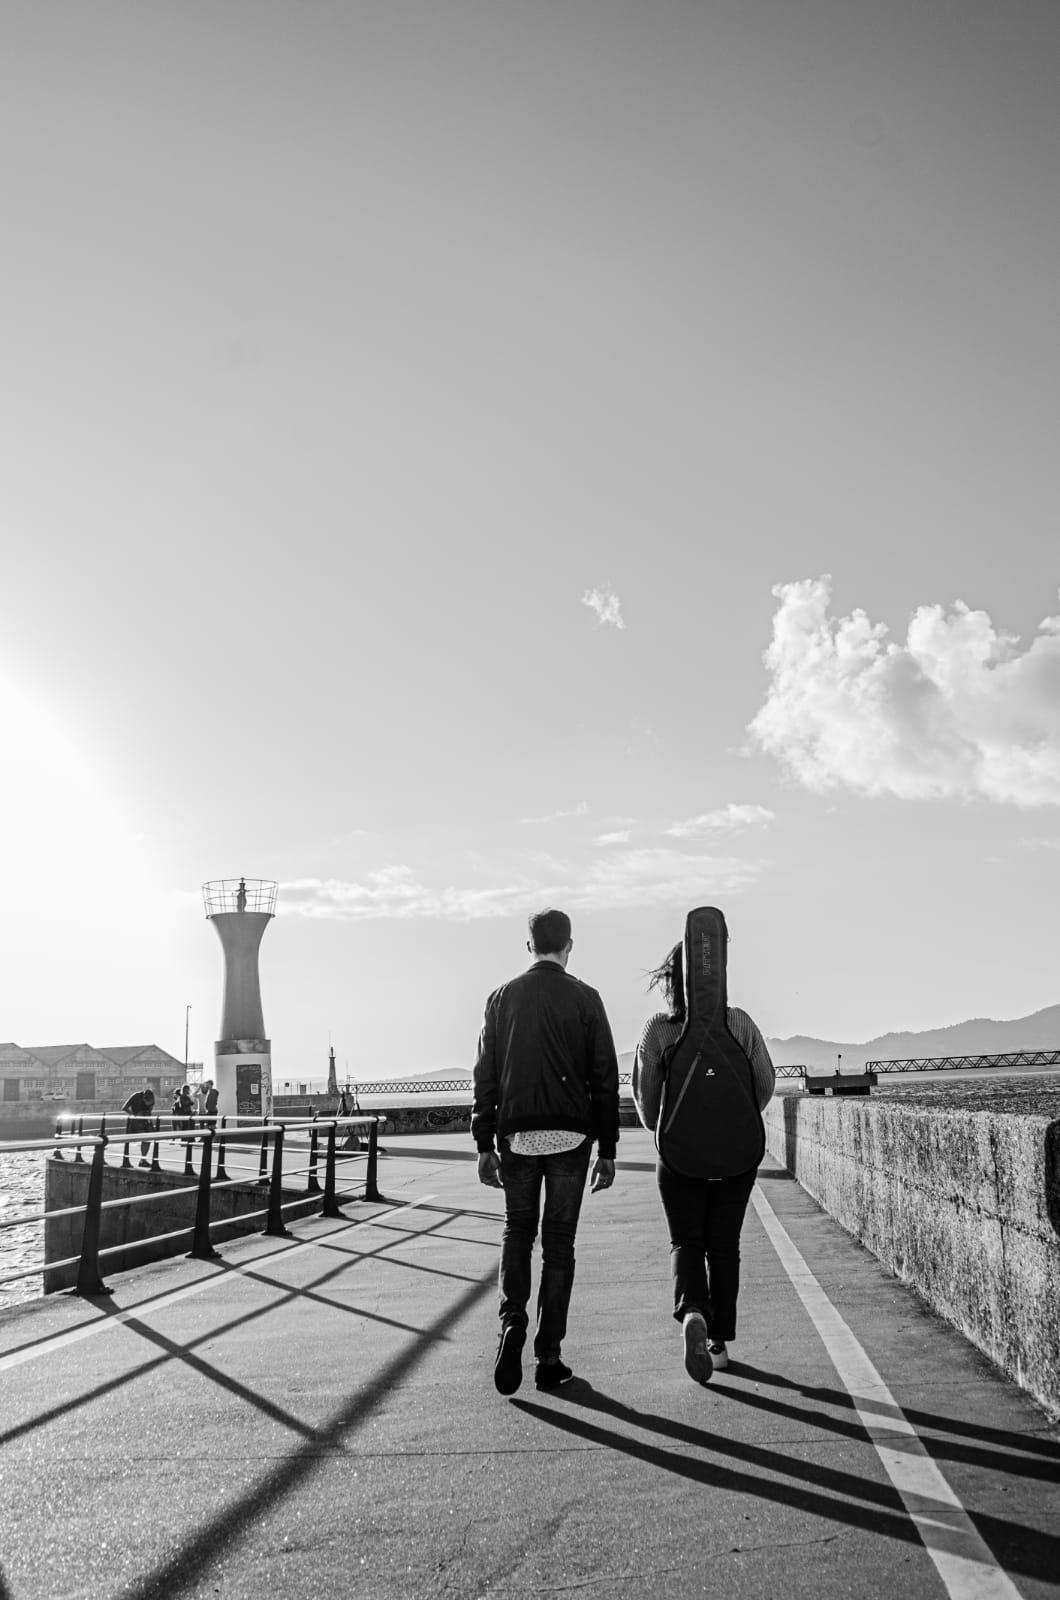 Empieza el rodaje de otra película en las calles de Vigo